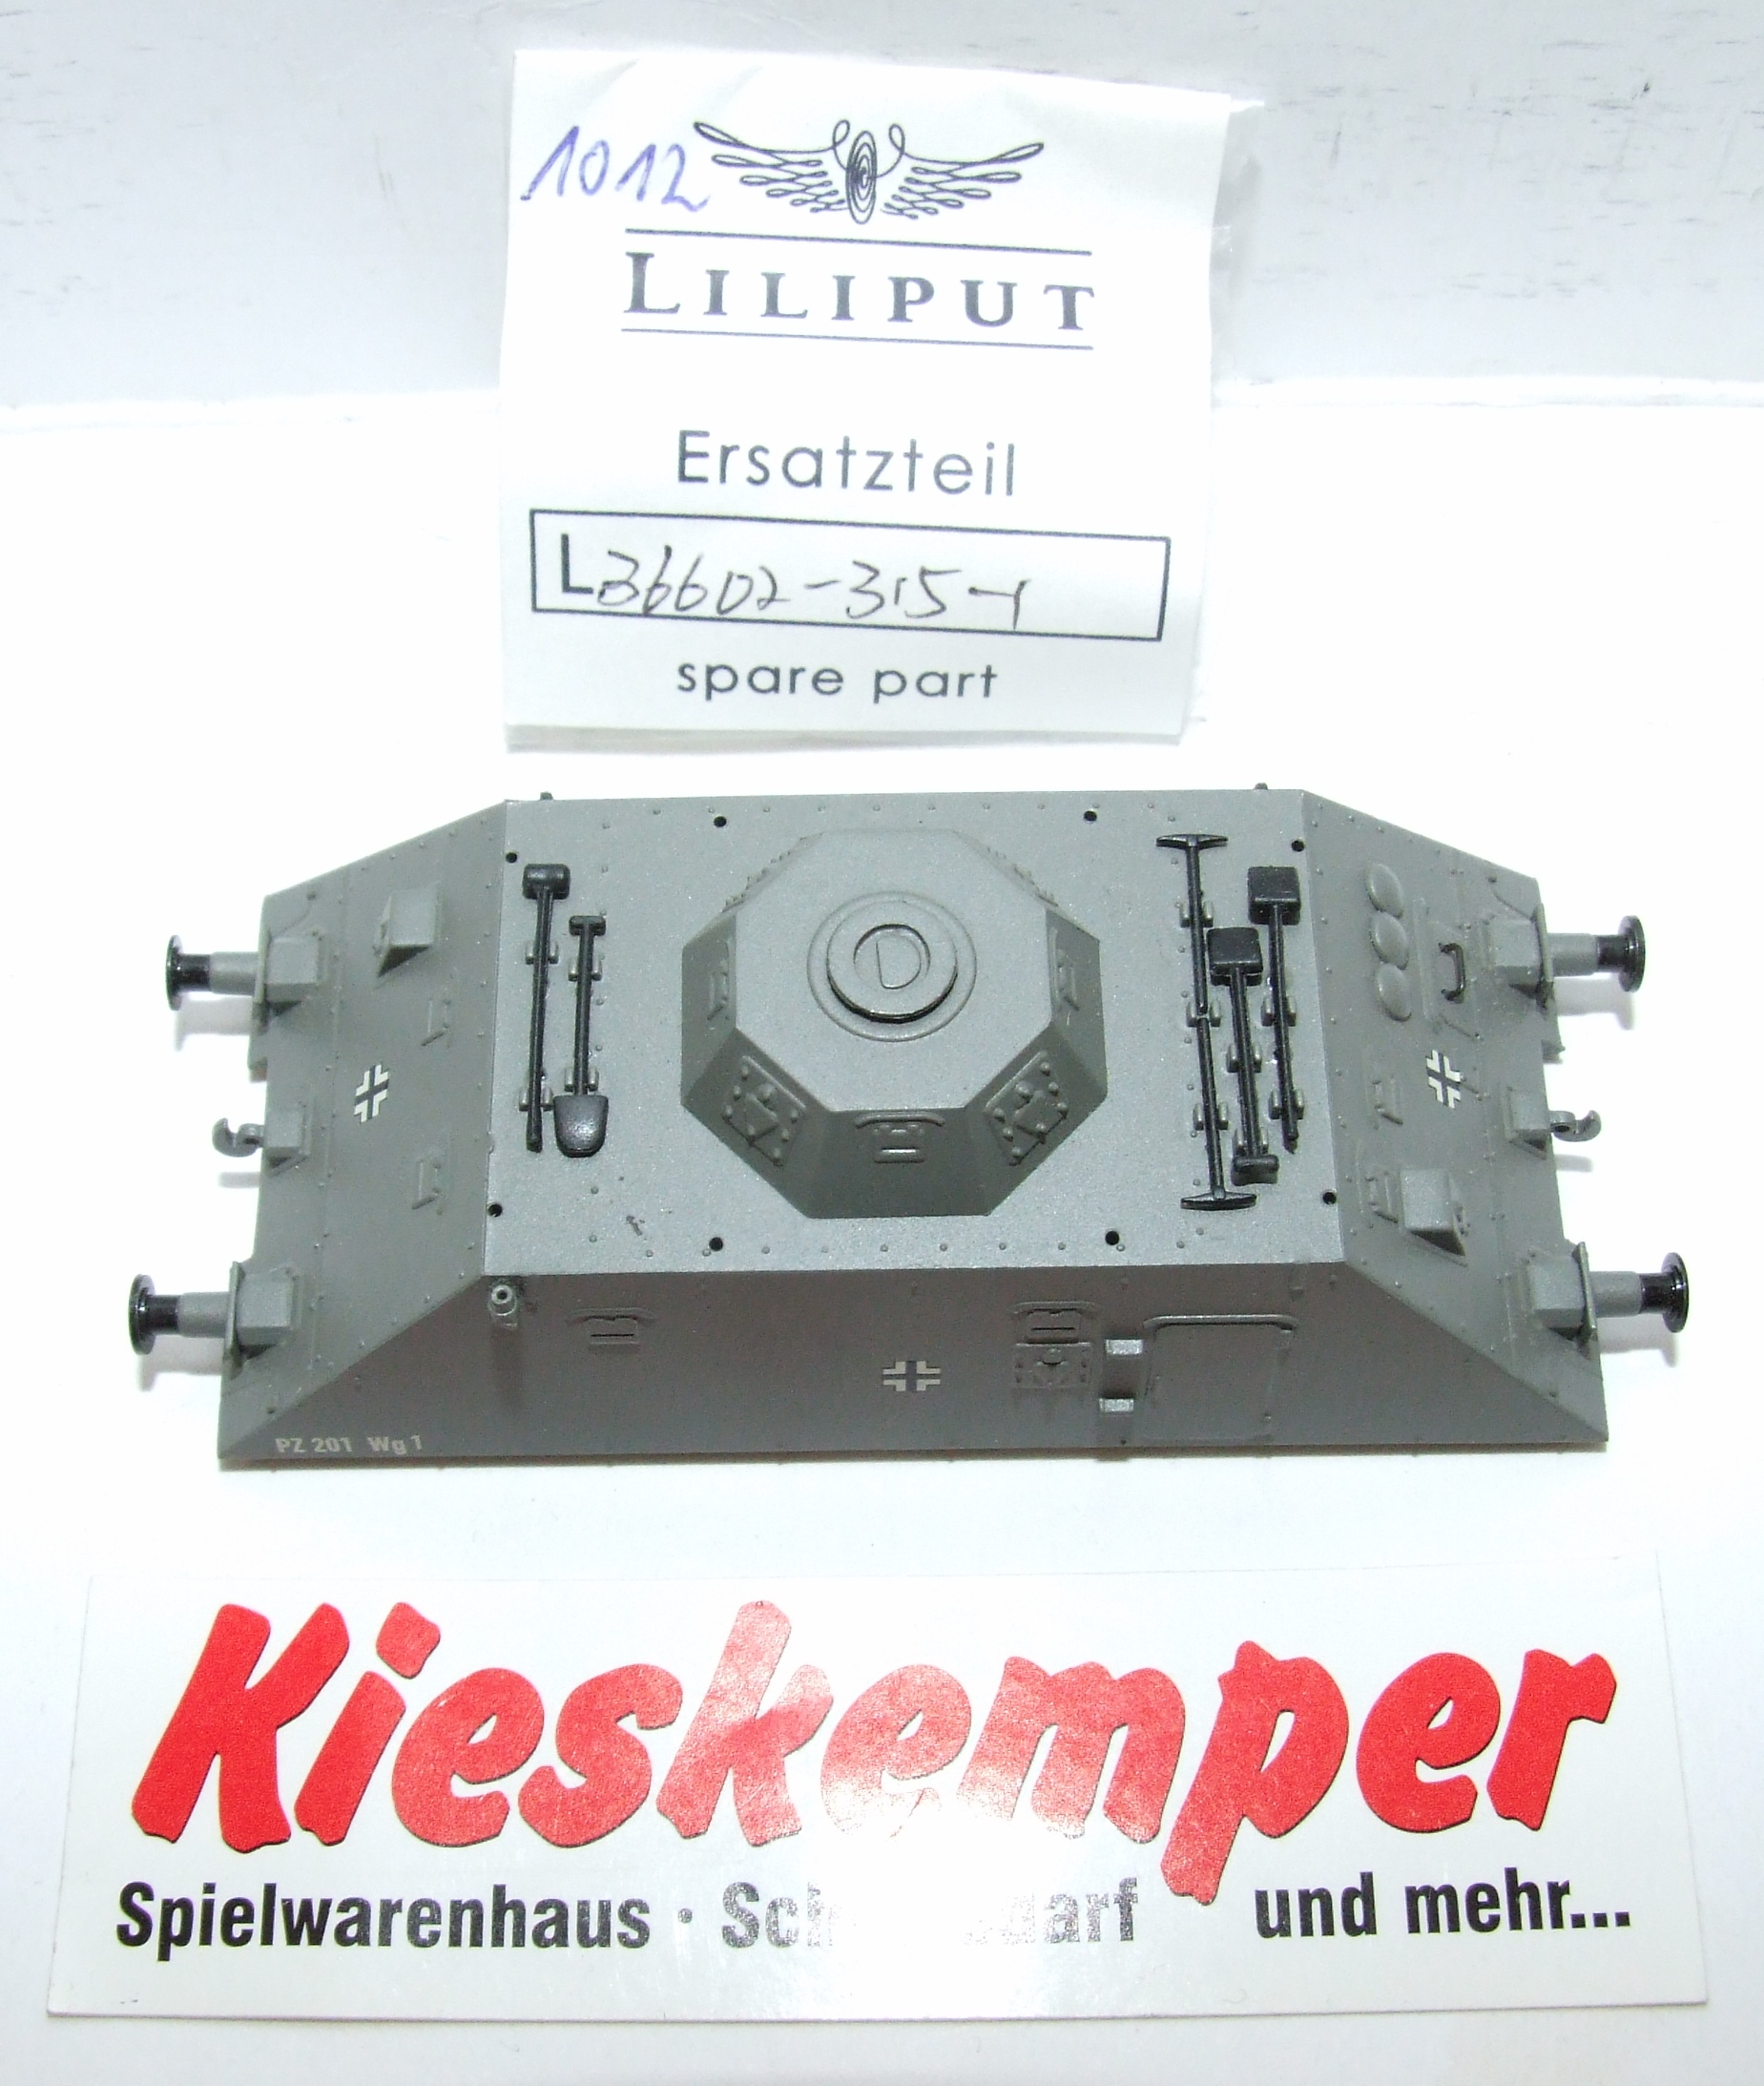 LO1012 Liliput H0 L 366023151 Gehäuse PZ 201 Wg1 Ersatzteil für Panzer Zug Wehrmacht